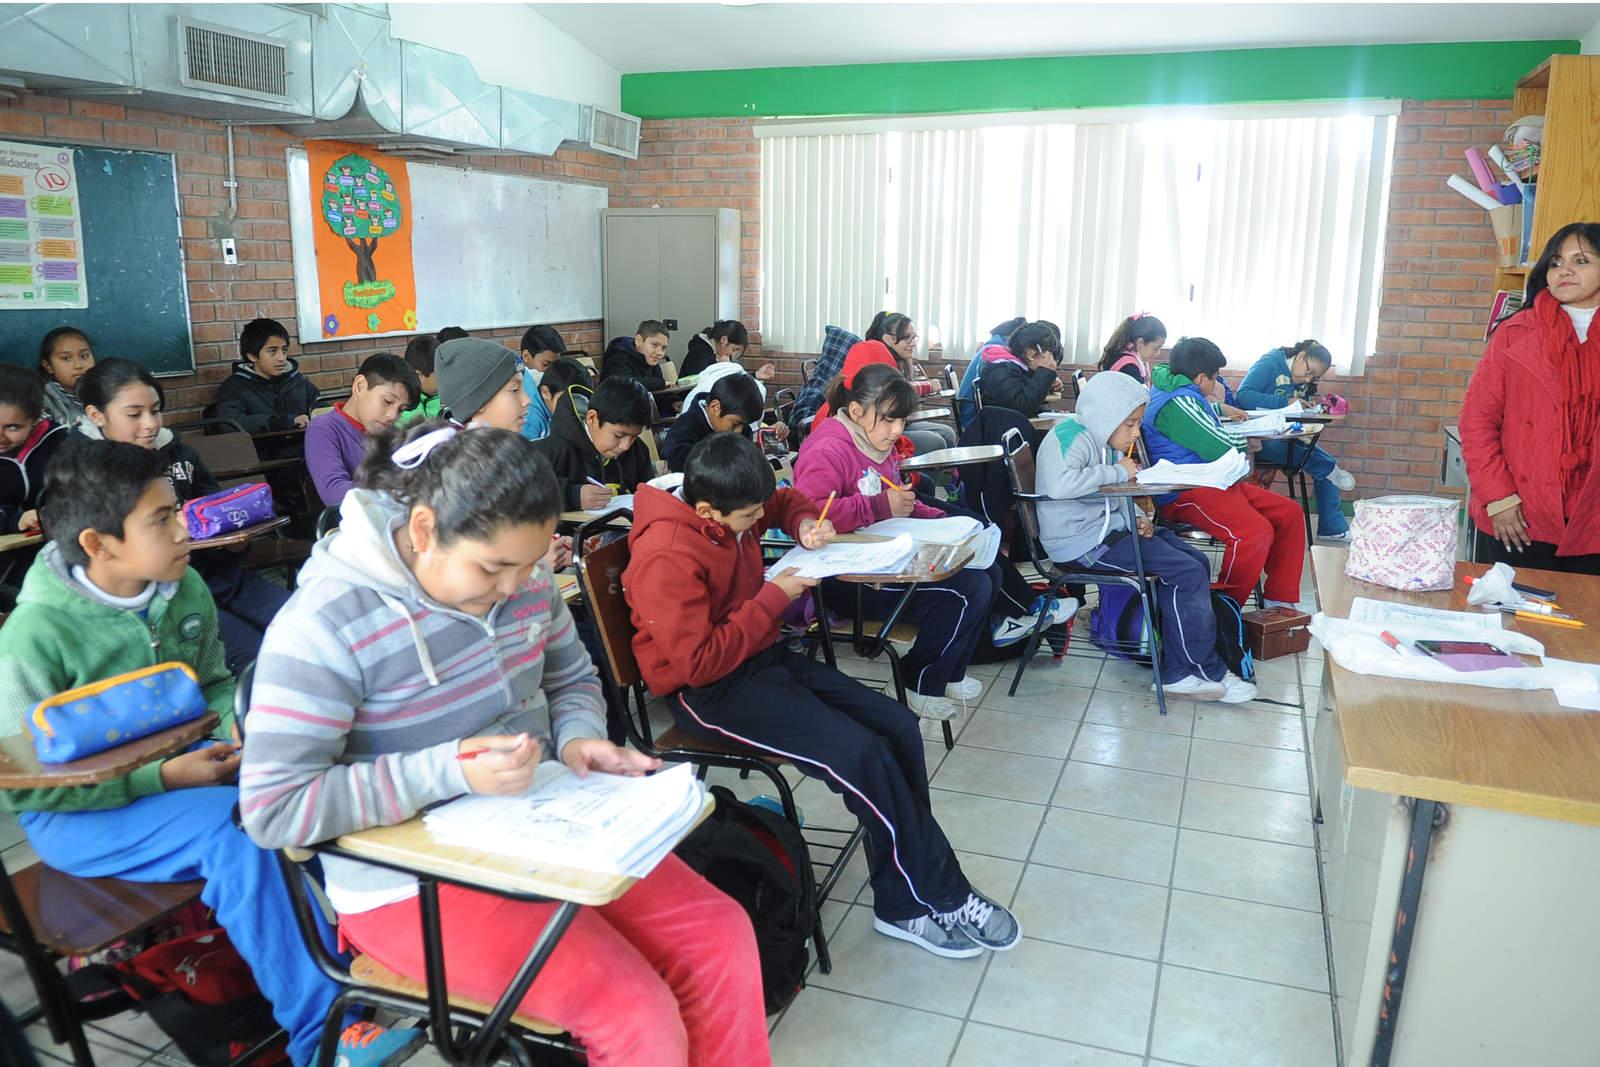 Por pronóstico de frío, emiten criterios para justificar faltas y retardos en escuelas de Coahuila